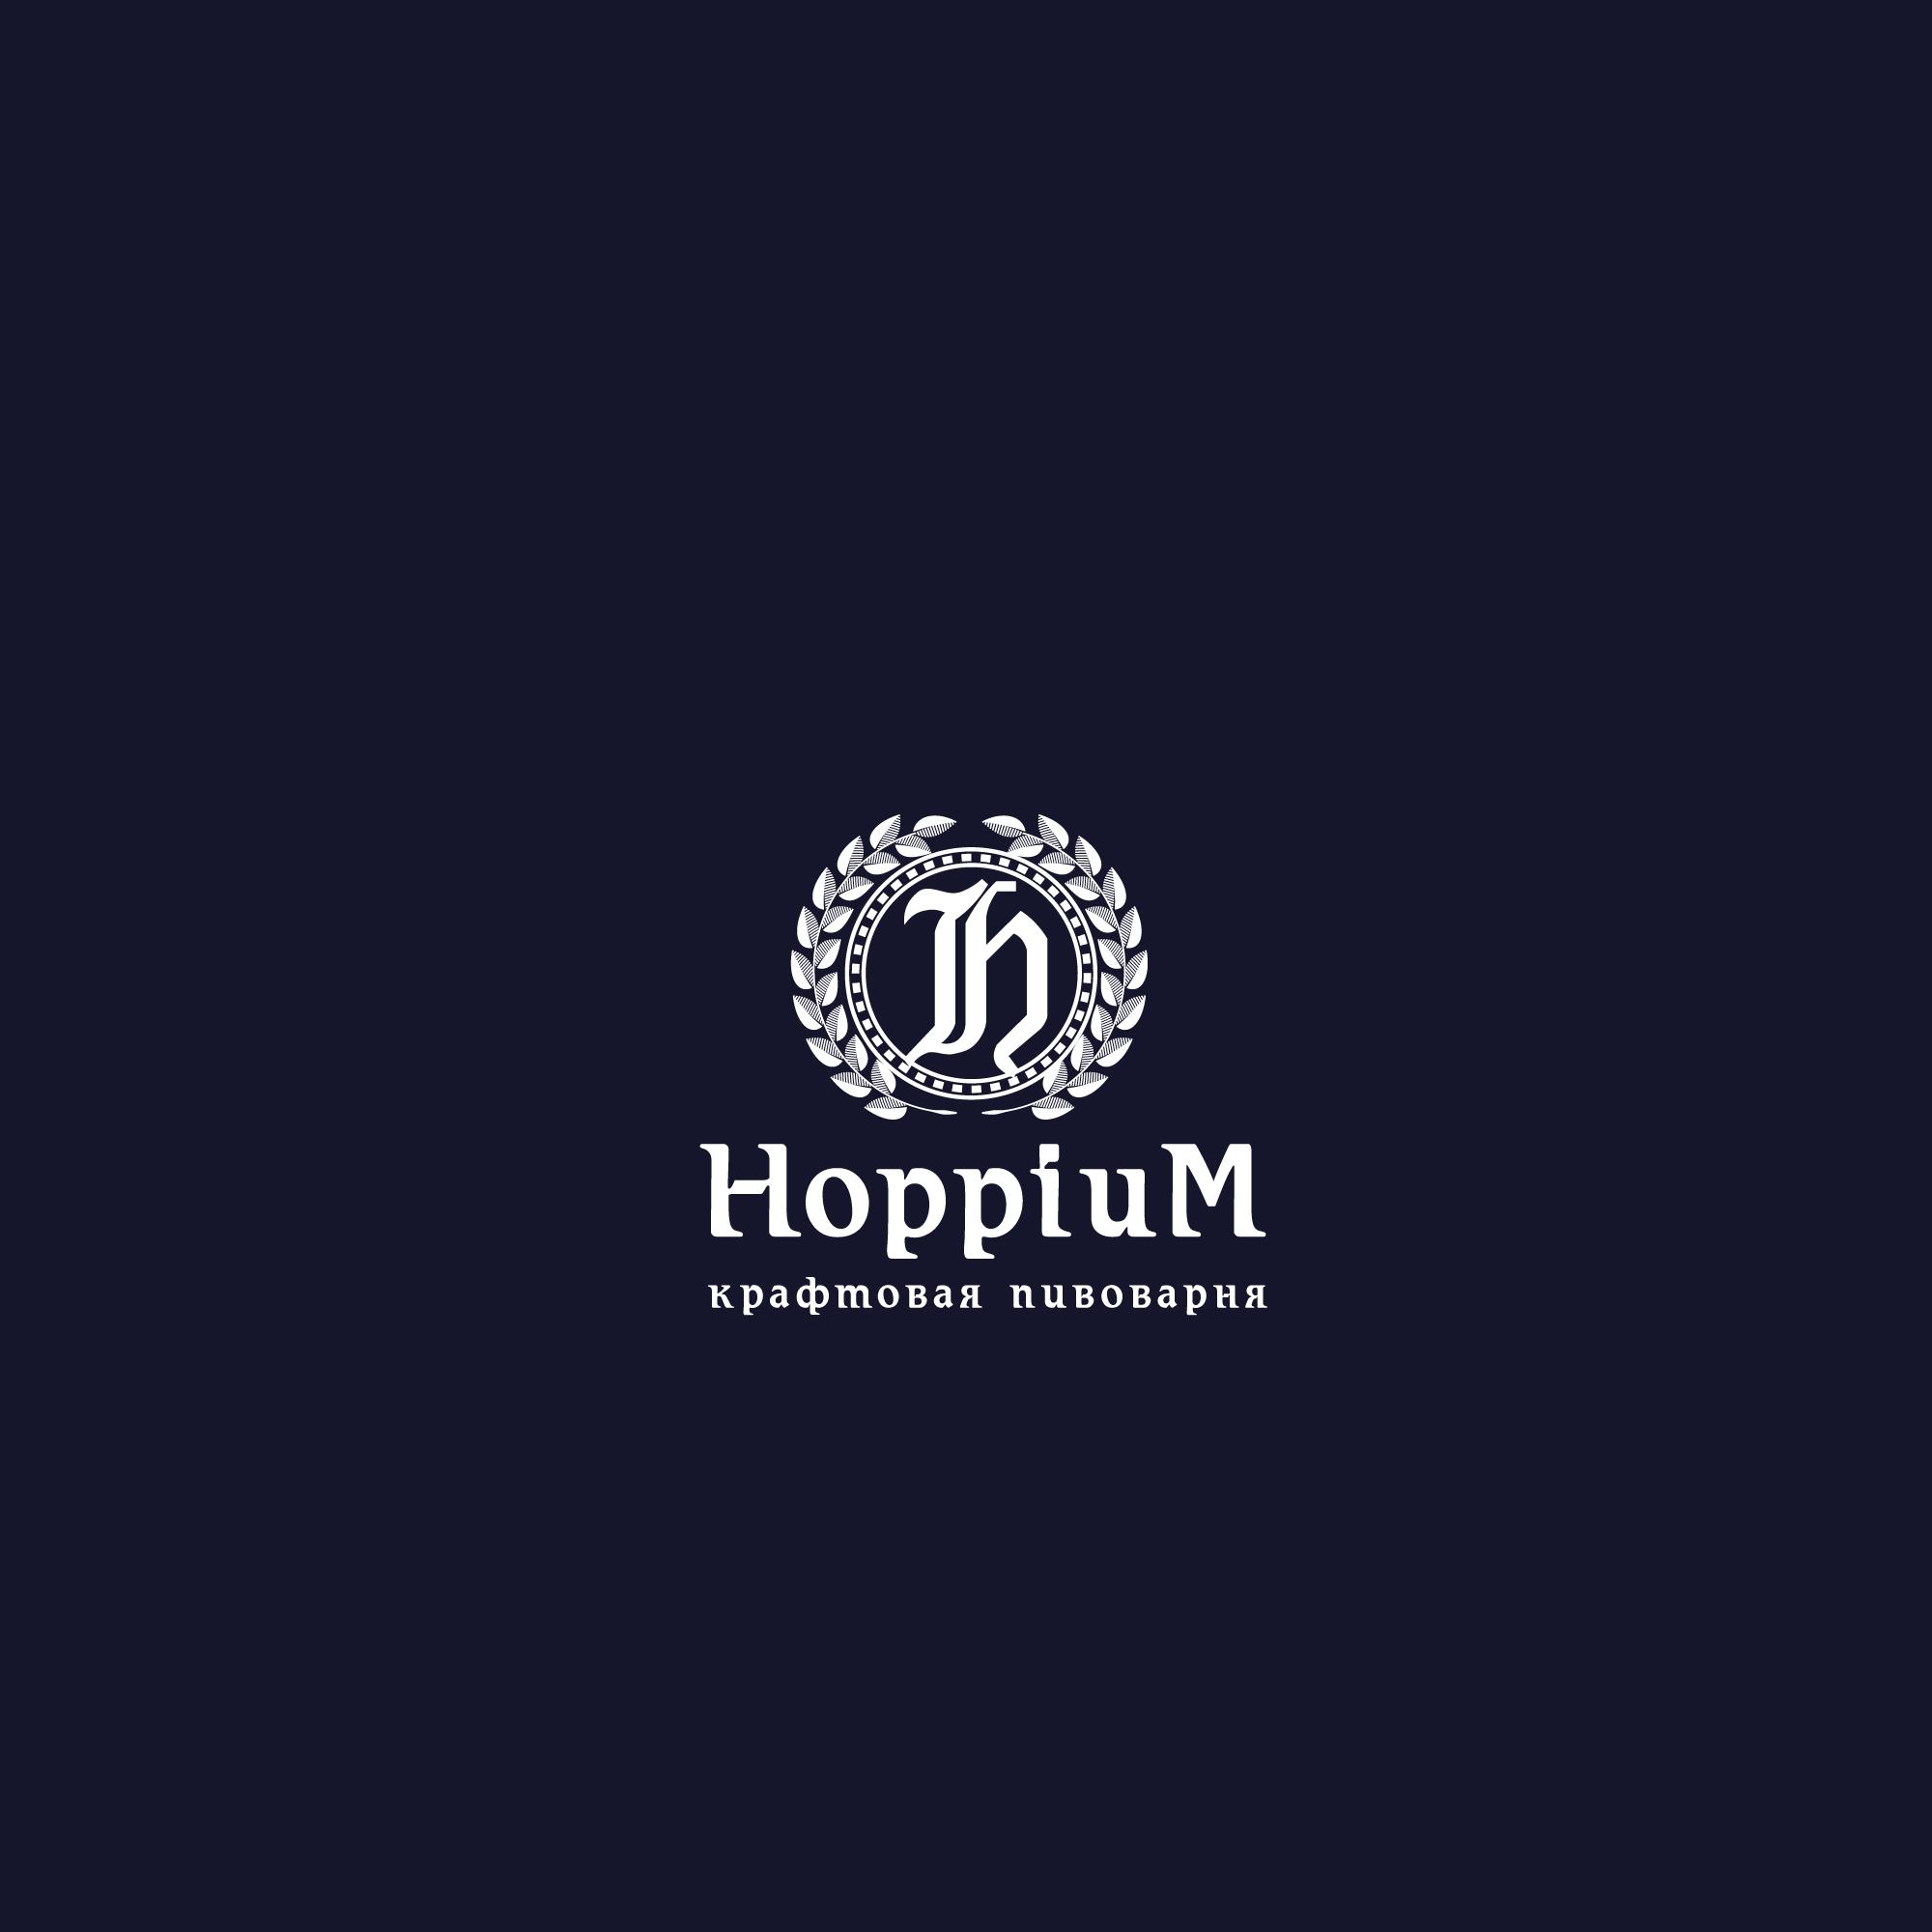 Логотип + Ценники для подмосковной крафтовой пивоварни фото f_6035dc41afd3ae4e.jpg